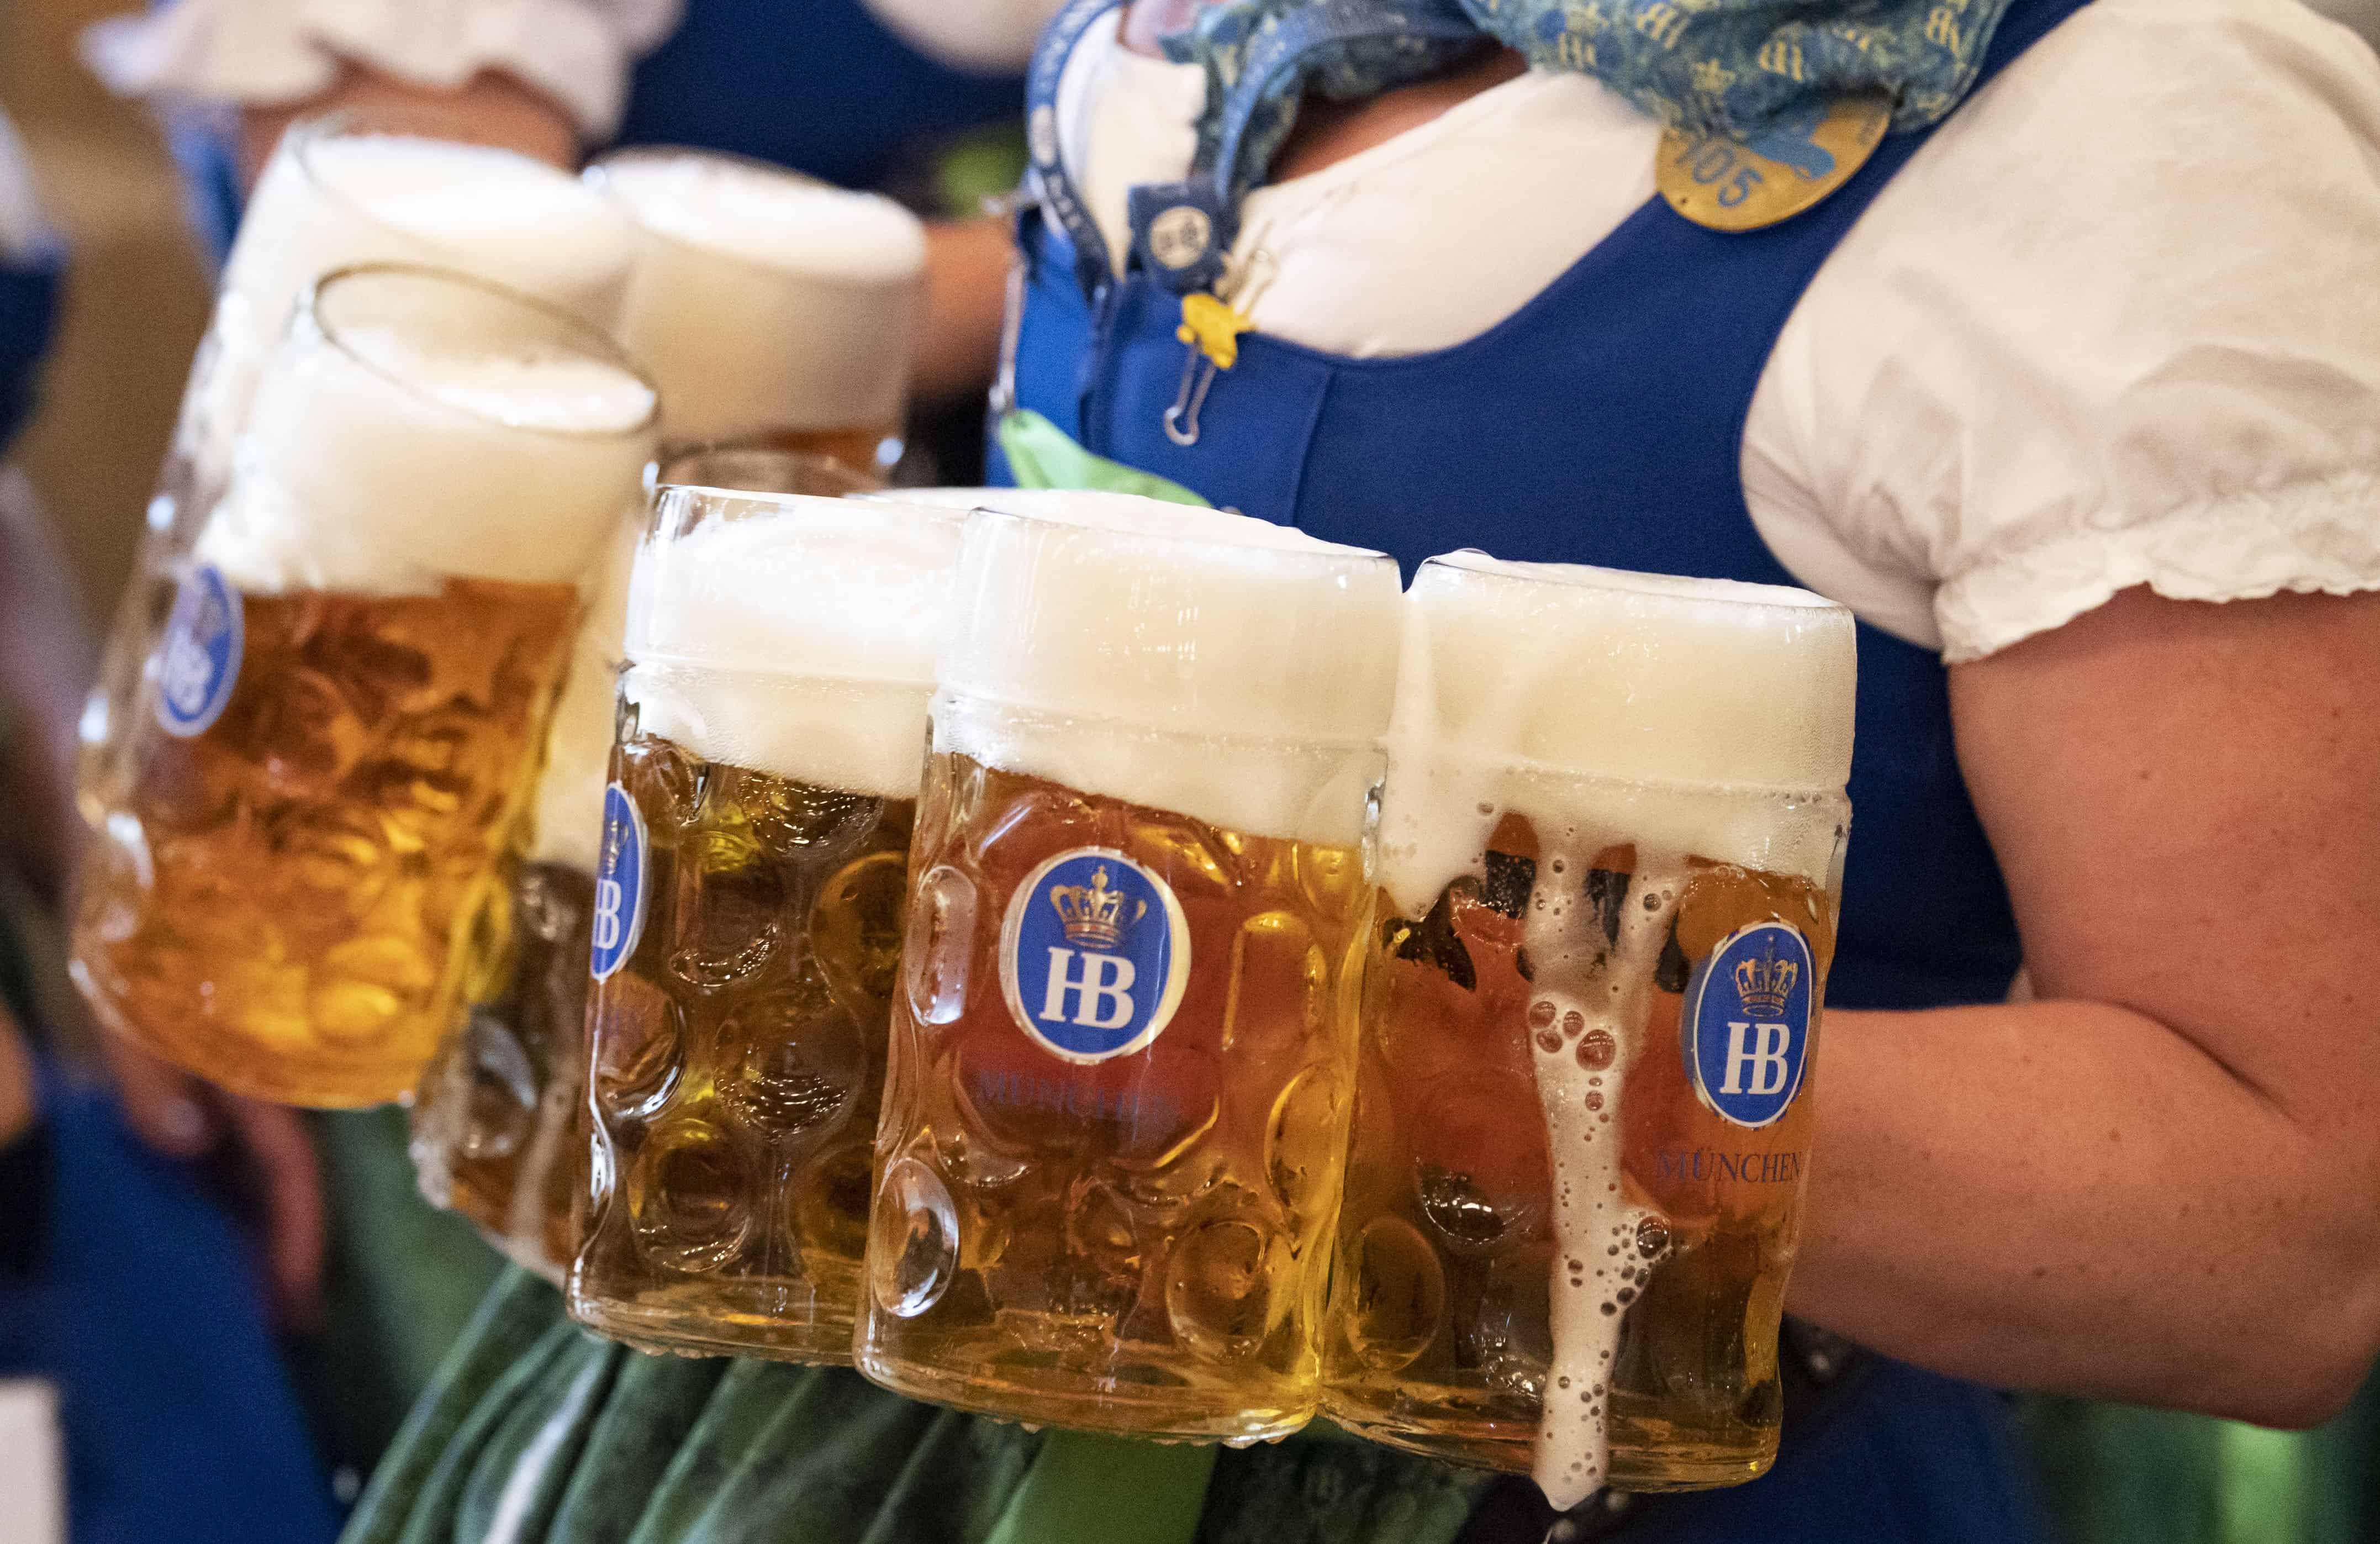 Grote pinten bier worden door een vrouw in Beierse klederdracht aangevoerd.